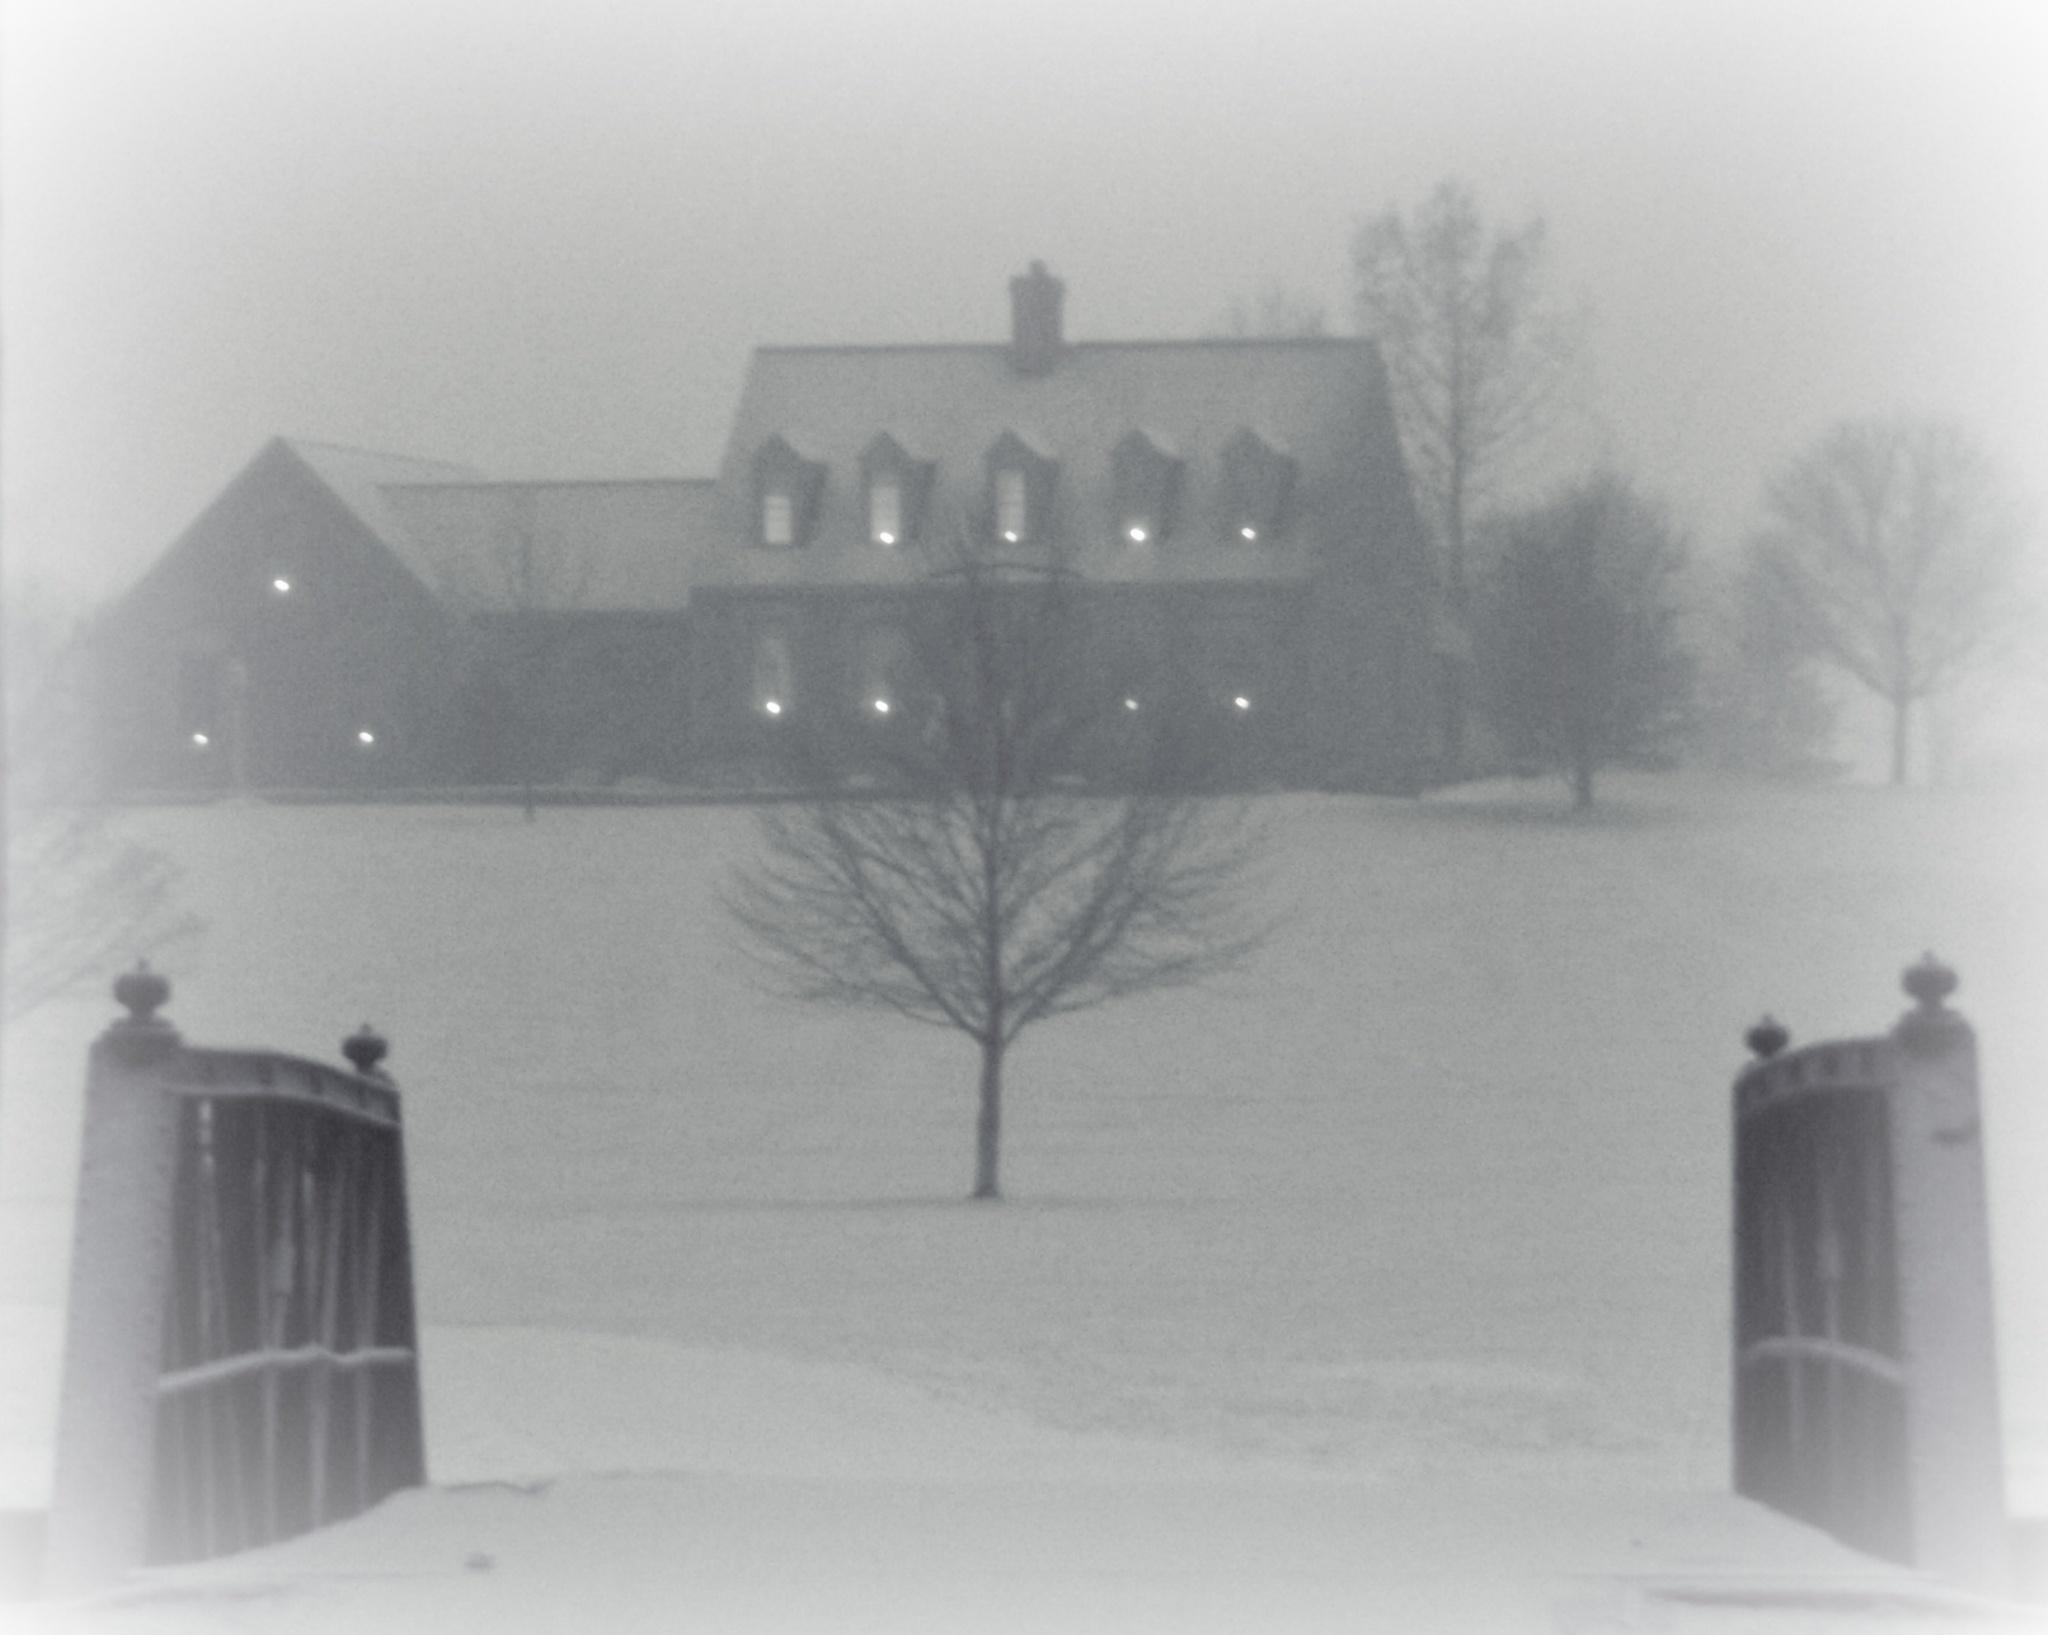 A Winter Wonder  by openeyes822